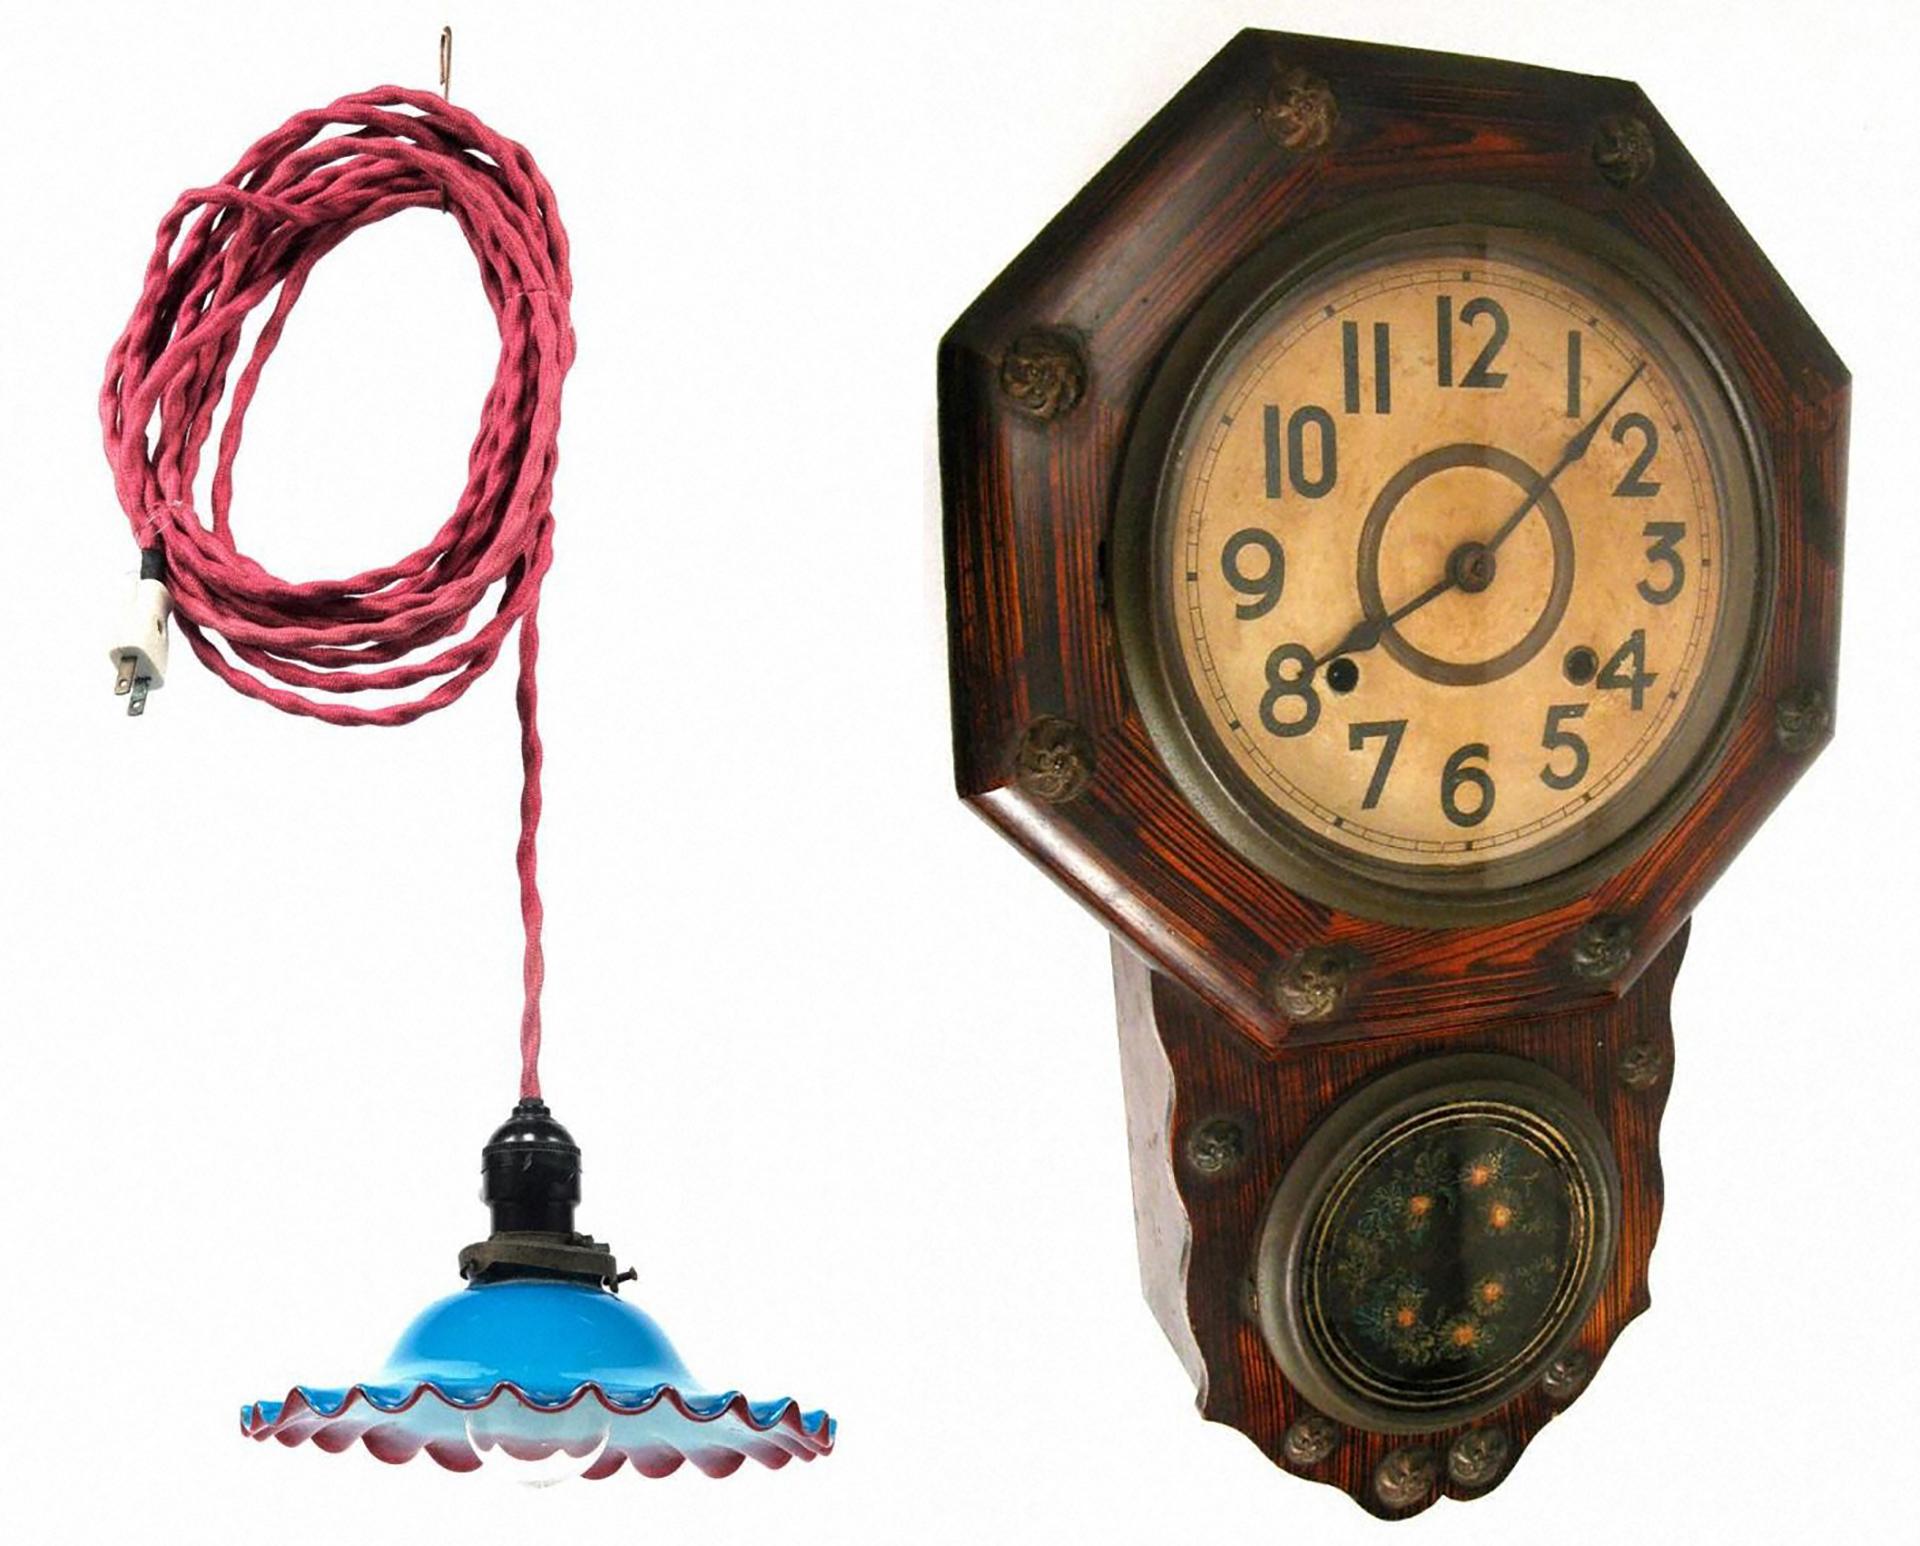 昔のくらしと家庭の道具2019の展示物・掛け時計、吊り下げ式伝統